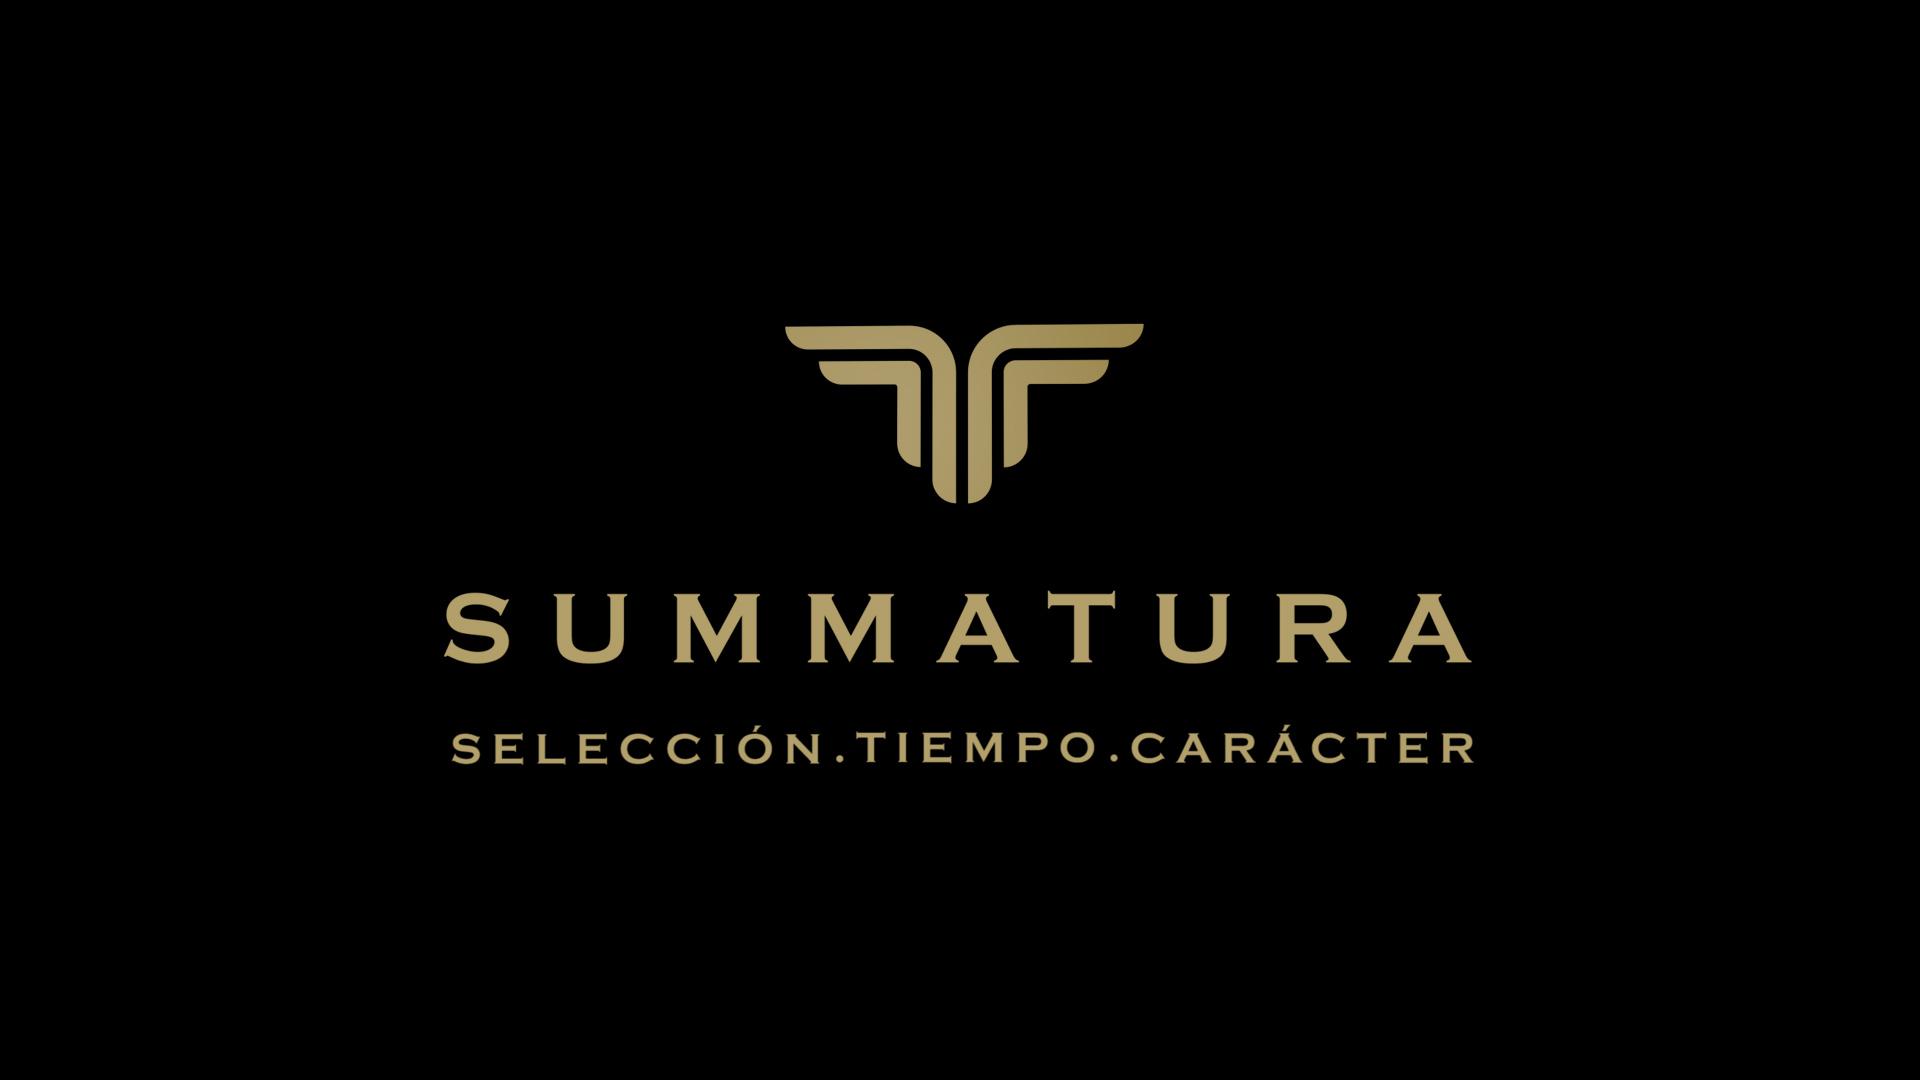 SUMMATURA Claim